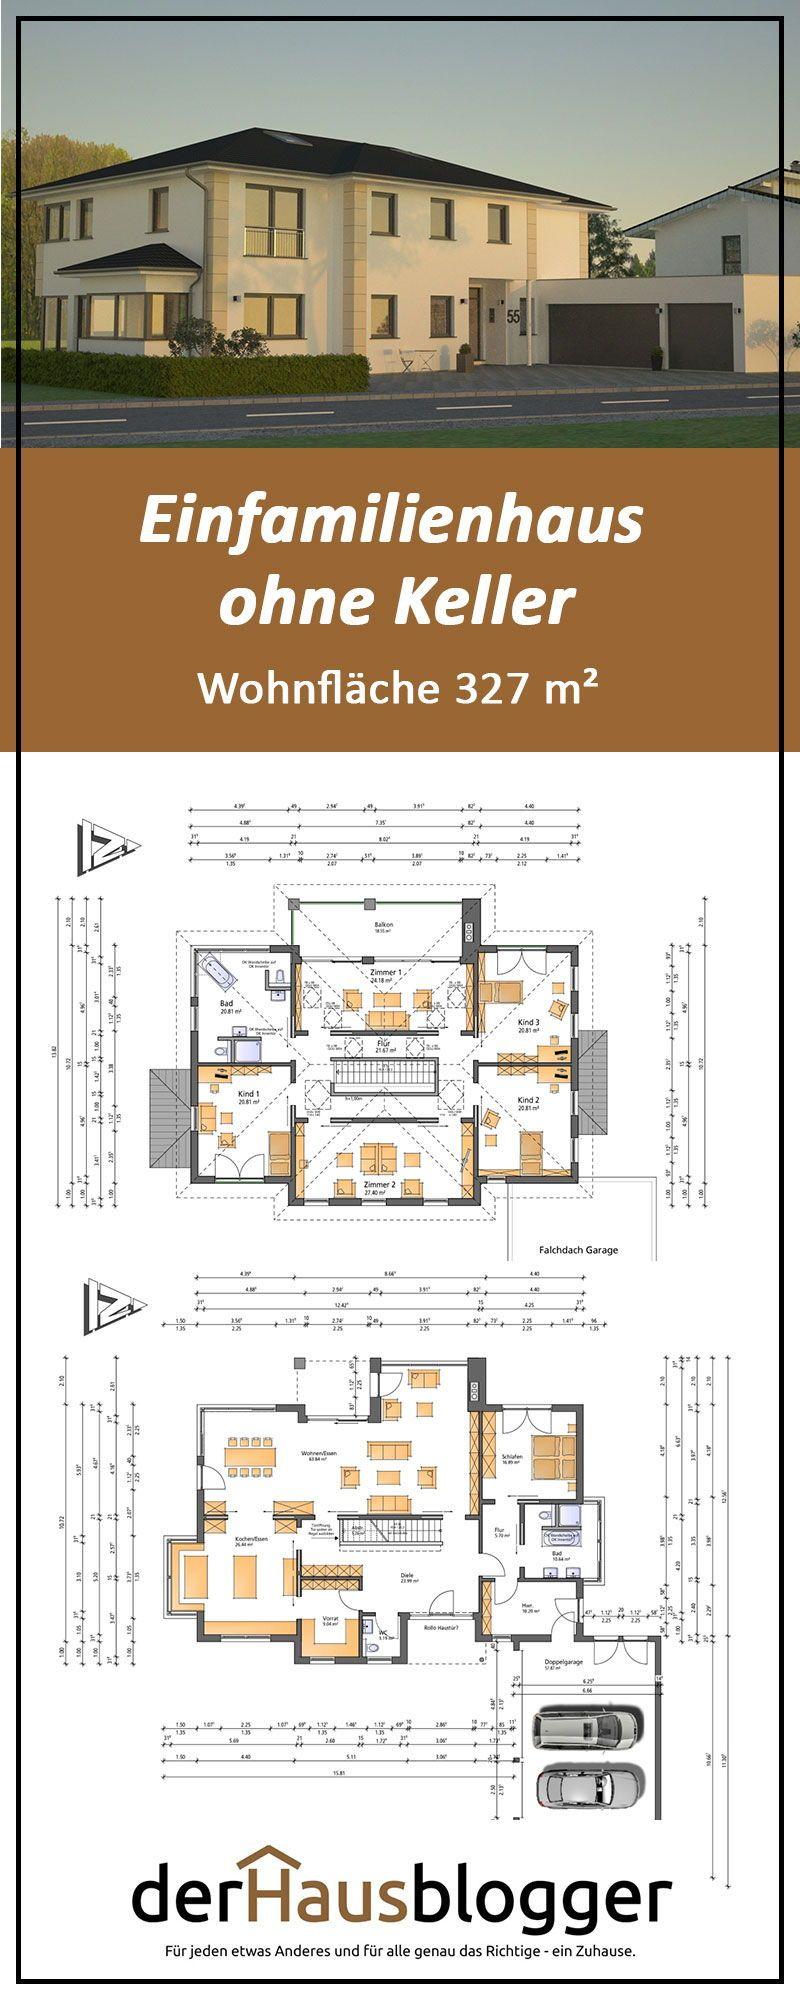 Einfamilienhaus ohne Keller, Wohnflaeche 327 m2